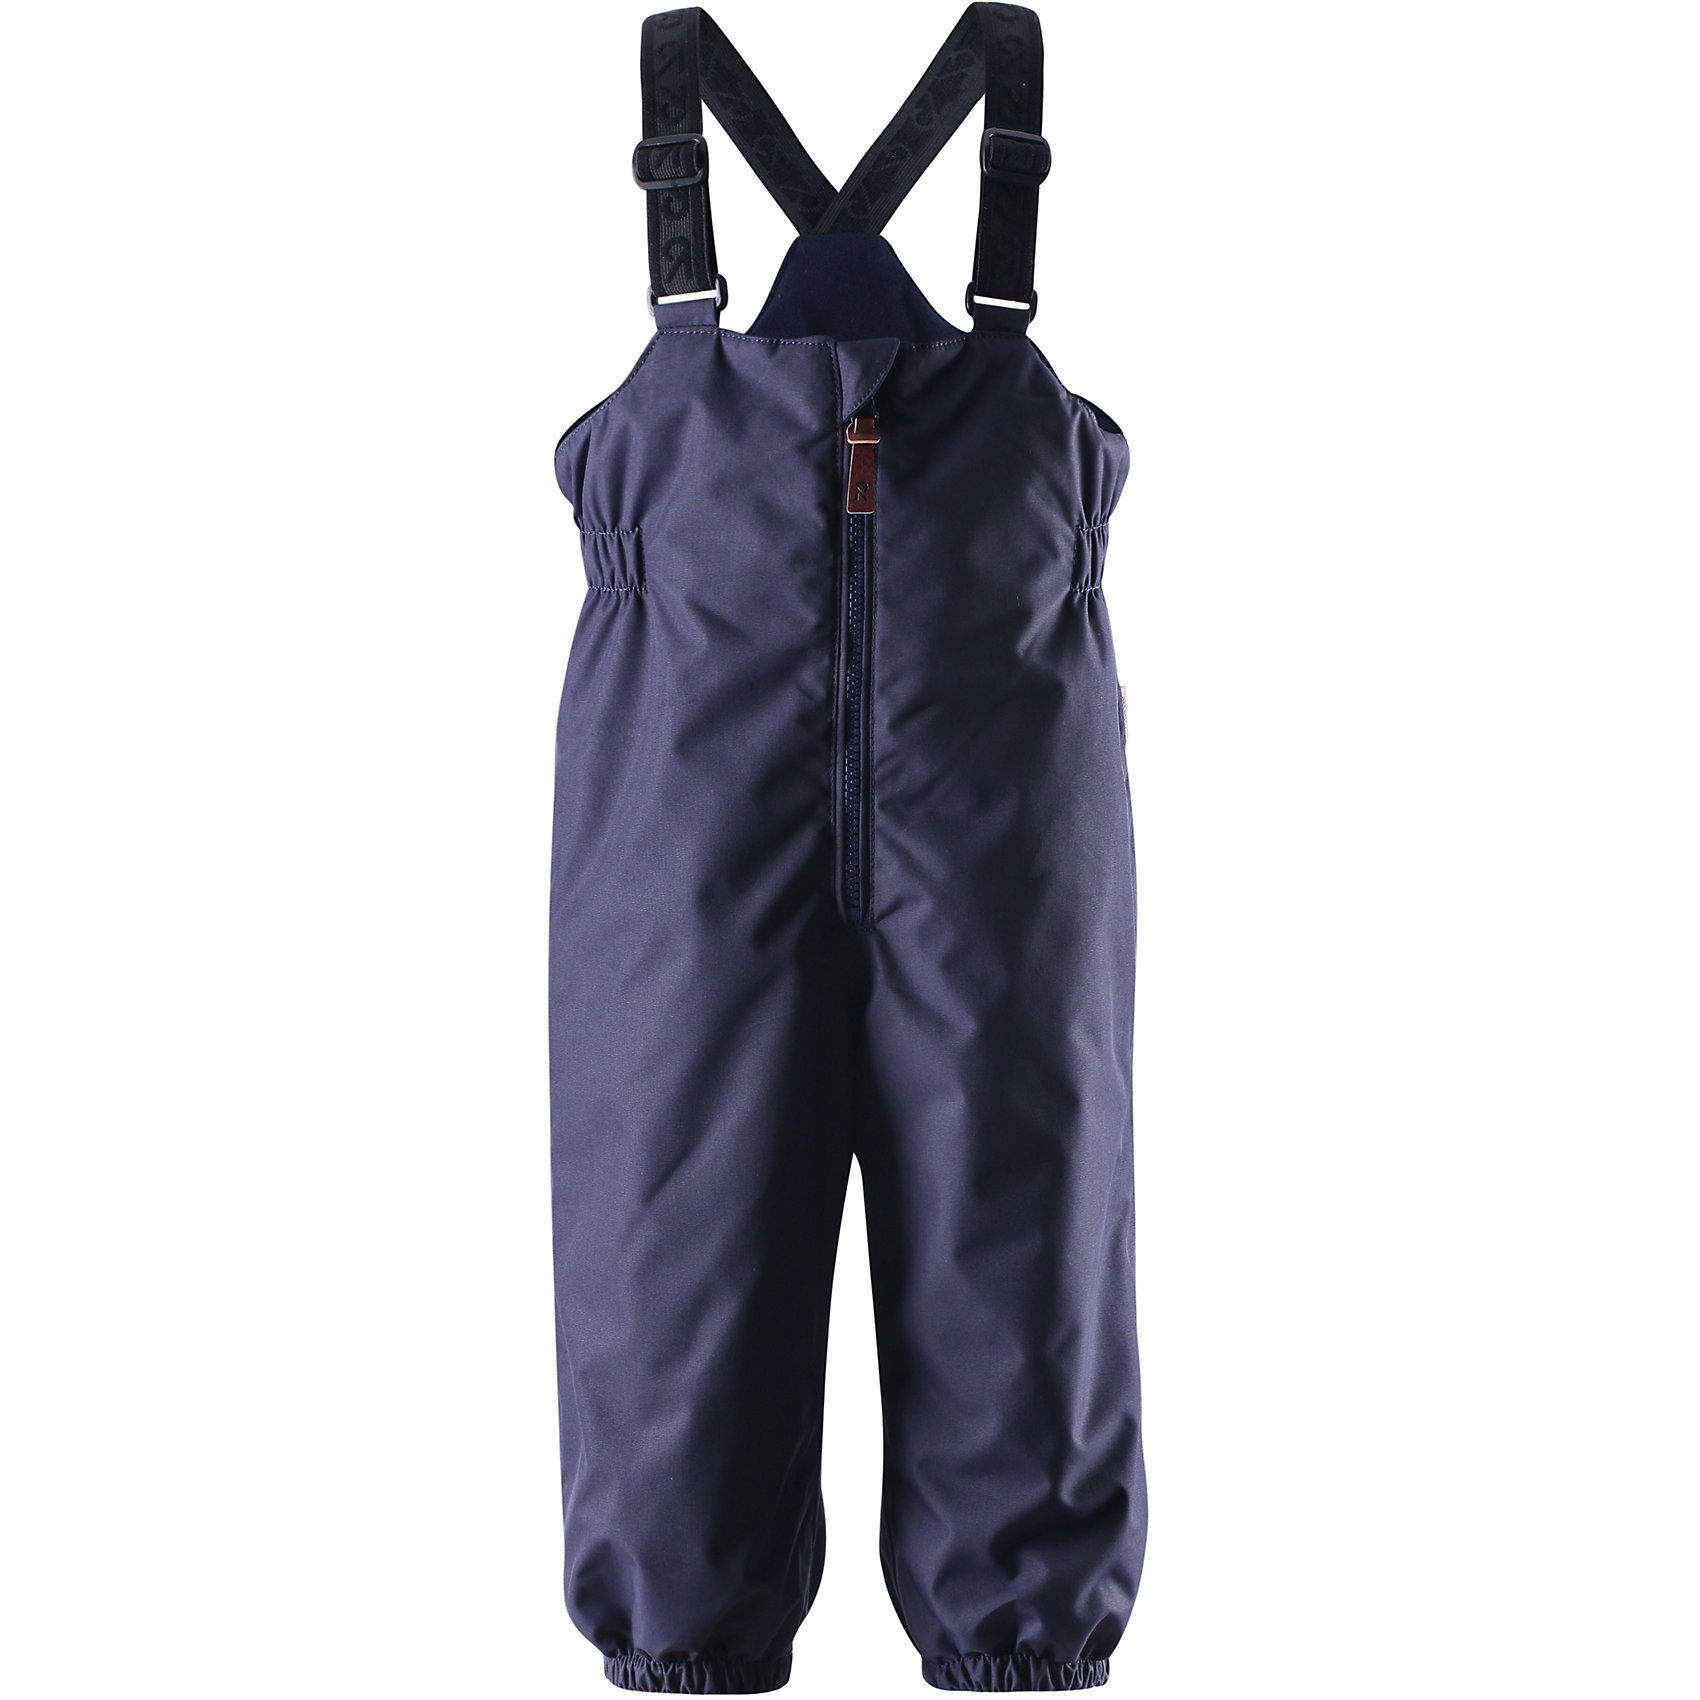 Брюки Matias для мальчика ReimaВерхняя одежда<br>Эти популярные у малышей брюки из коллекции ORIGINAL от Reima (Рейма) так и зовут повеселиться в зимний денёк! Эти великолепные практичные брюки подходят для всех видов зимнего отдыха на свежем воздухе. Дети не вспотеют играя в водонепроницаемых, пропускающих воздух брюках. Поверхность материала отталкивает воду и грязь. Завышенная талия и регулируемые подтяжки гарантируют, что брюки будут сидеть по фигуре, а длинная молния спереди облегчит одевание. Благодаря дополнительно утеплённой задней части брюк, малыши не замёрзнут катаясь на санках и скользя в снегу. Эластичные штрипки удержат концы брючин на своём месте во время прогулки. Эти надёжные брюки теперь можно приобрести в великолепных модных в этом сезоне расцветках!<br><br> Водонепроницаемые зимние брюки для малышей в стиле ORIGINAL<br> Основные швы проклеены, водонепроницаемы<br> Регулируемые подтяжки<br> Длинная молния спереди<br> Дополнительно утеплённая задняя часть брюк<br> Съёмные эластичные штрипки<br>Состав:<br>100% ПЭ, ПУ-покрытие<br>Средняя степень утепления (до - 20)<br>Утеплитель: 140 г (100% полиэстер)<br><br>Брюки Reima (Рейма) можно купить в нашем магазине.<br><br>Ширина мм: 570<br>Глубина мм: 355<br>Высота мм: 101<br>Вес г: 337<br>Цвет: синий<br>Возраст от месяцев: 9<br>Возраст до месяцев: 12<br>Пол: Мужской<br>Возраст: Детский<br>Размер: 80,98,92,86,74<br>SKU: 4208227